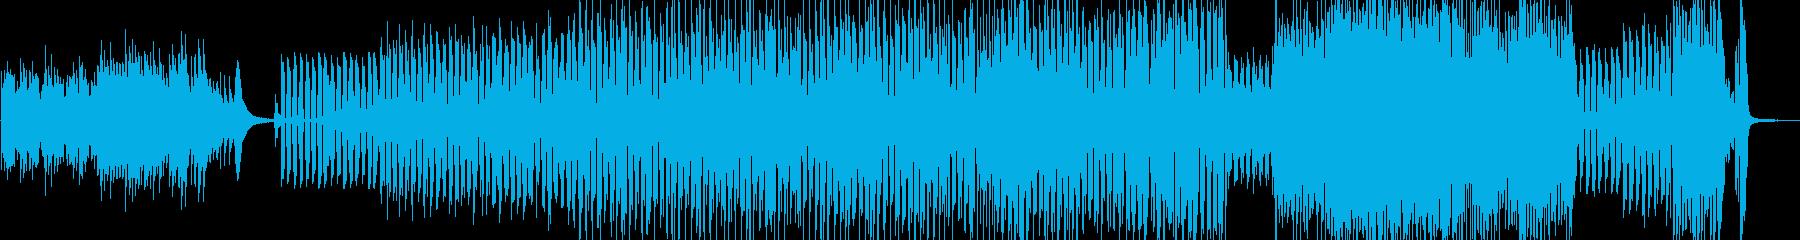 悲→陽気・ムーディーなコミカルジャズの再生済みの波形